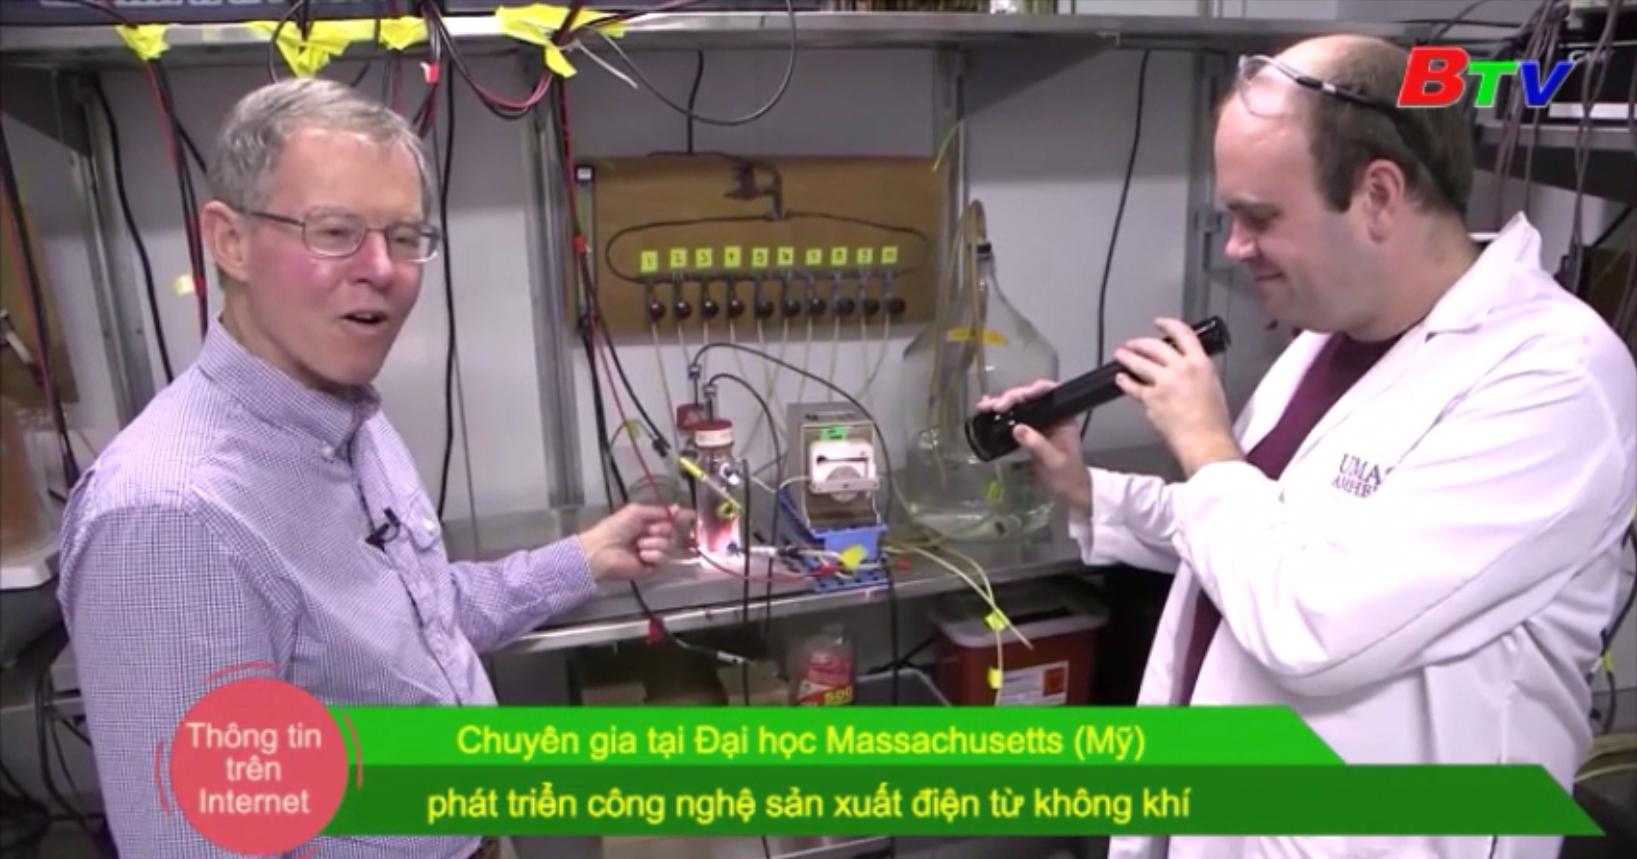 Chuyên gia tại Đại học Massachusetts (Mỹ) phát triển công nghệ sản xuất điện từ không khí